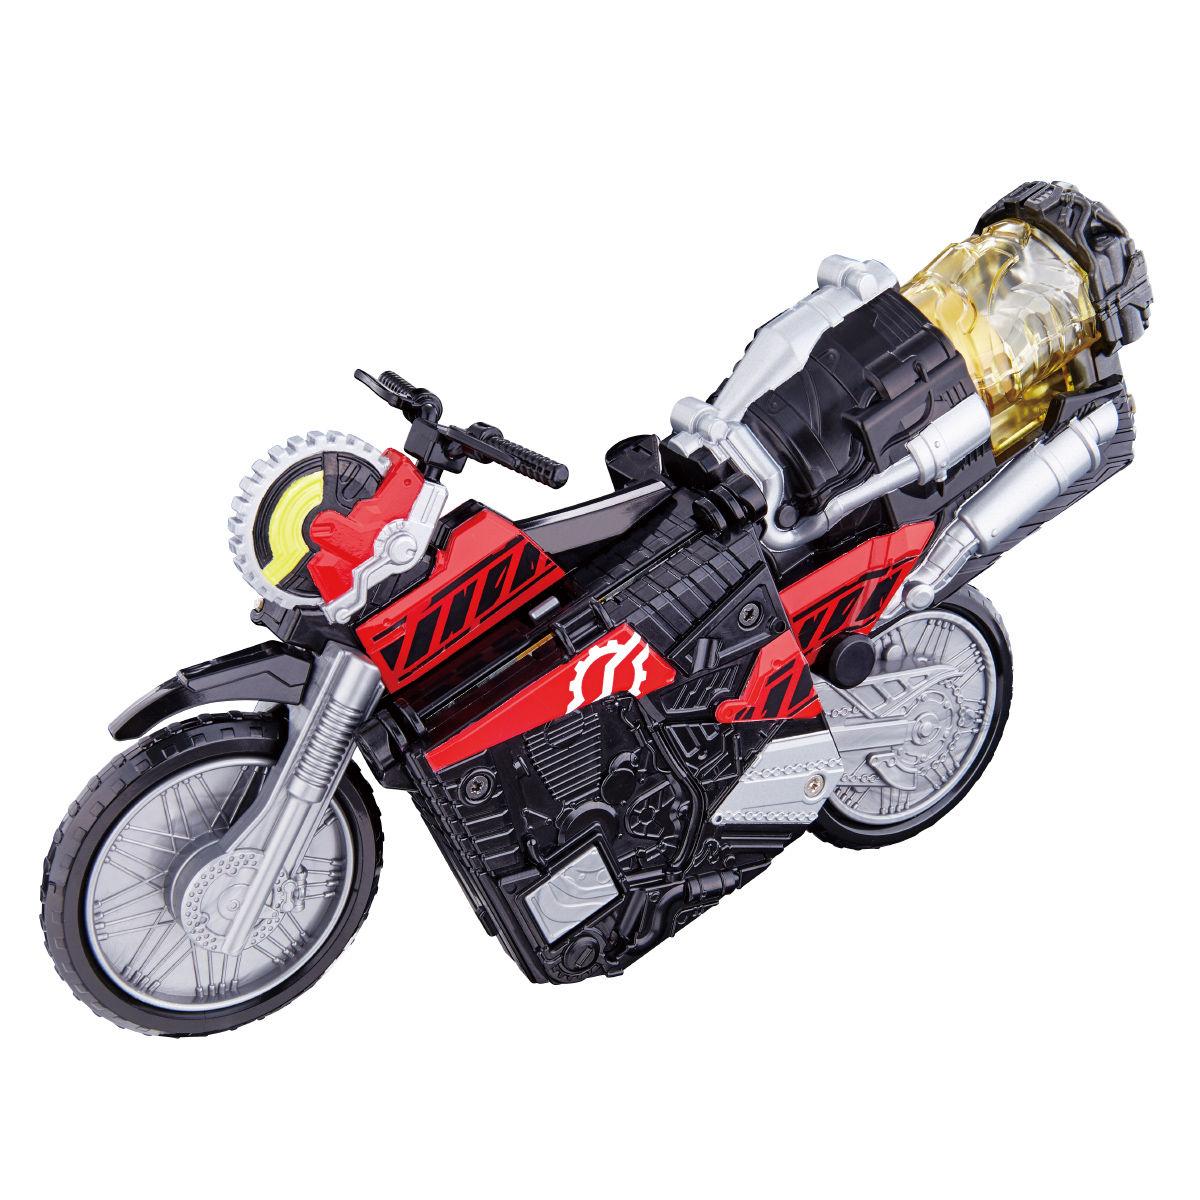 バイク変形 DXビルドフォン